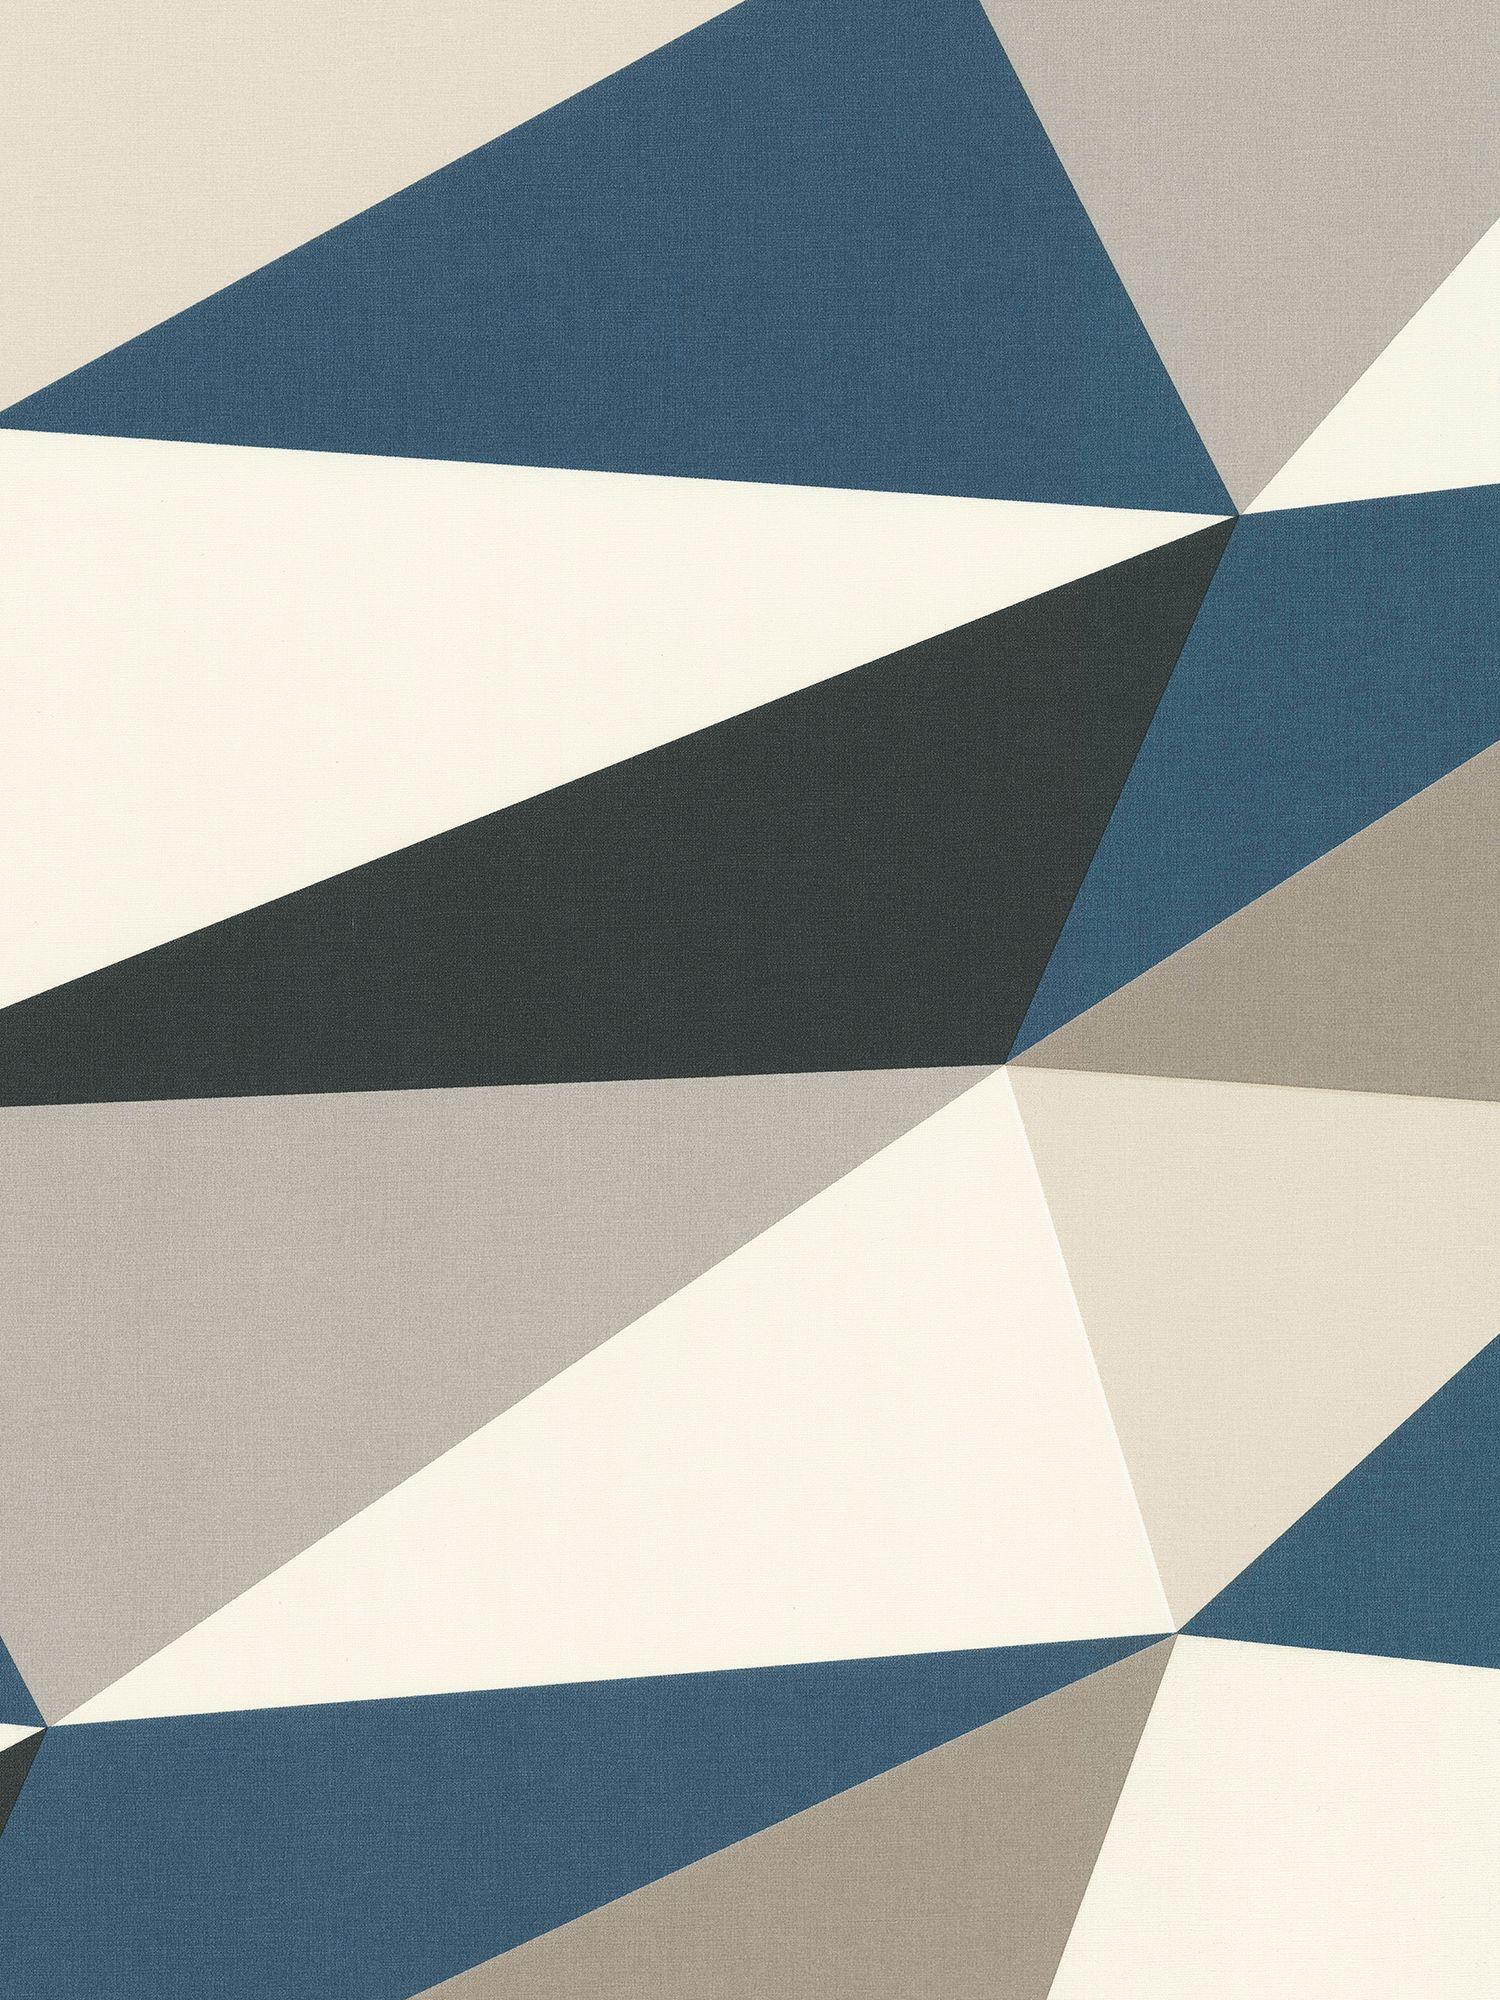 Galerie Galerie Triangle Geometric Wallpaper, 51183601